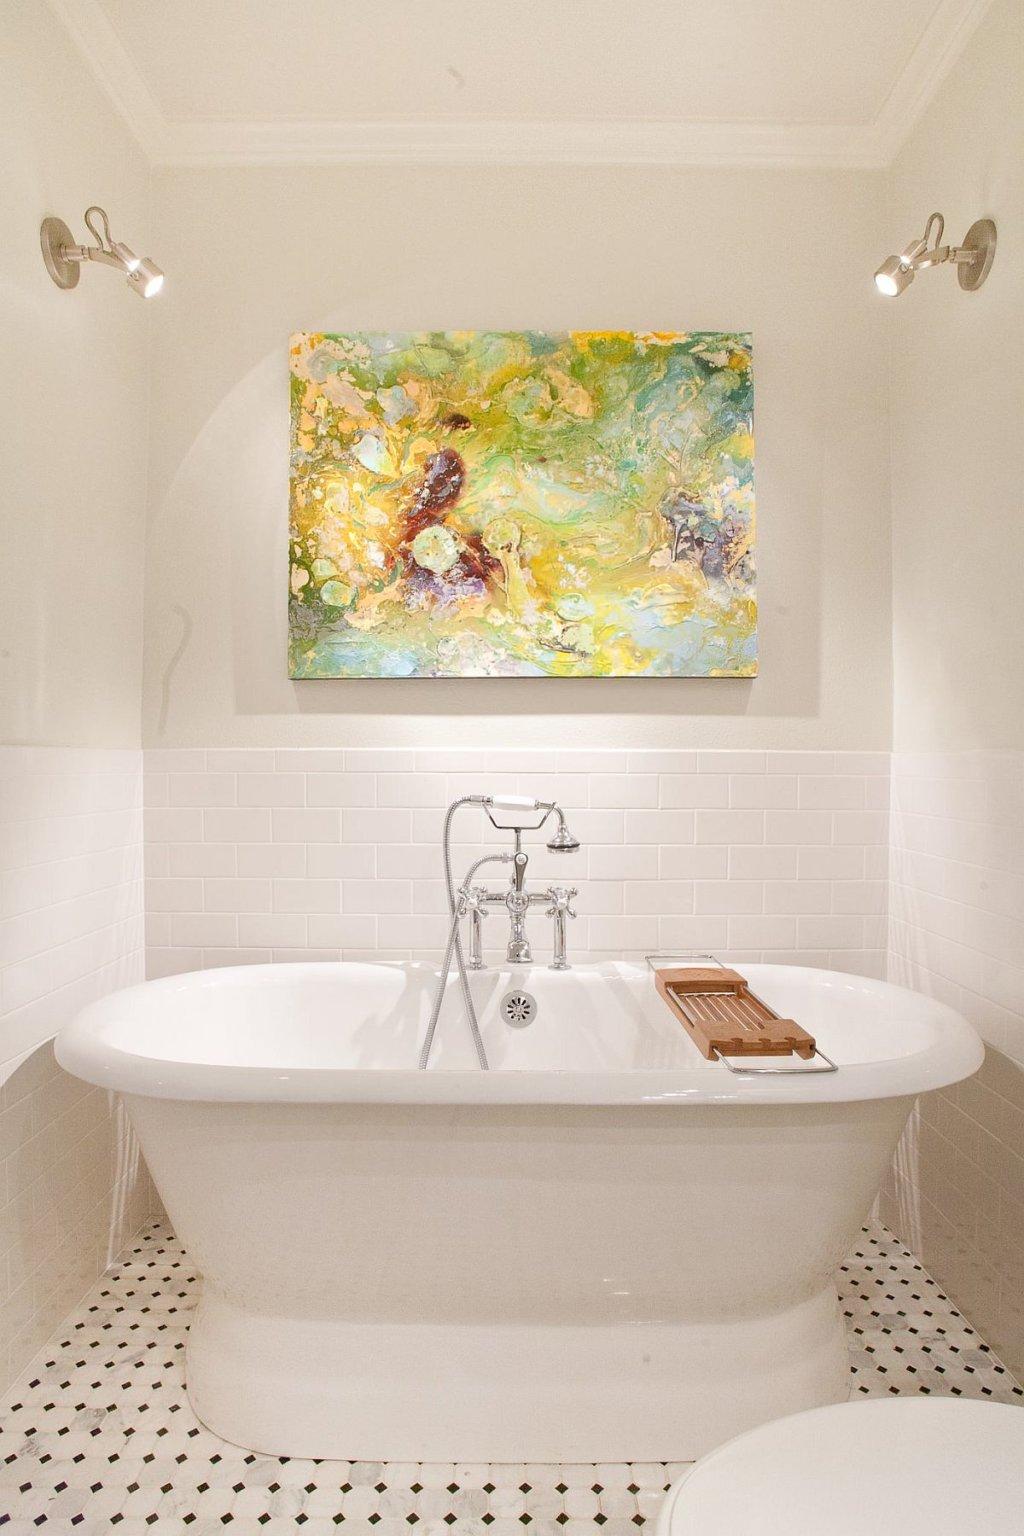 phòng tắm nhỏ màu trắng chủ đạo nổi bật với bức tranh nghệ thuật treo tường